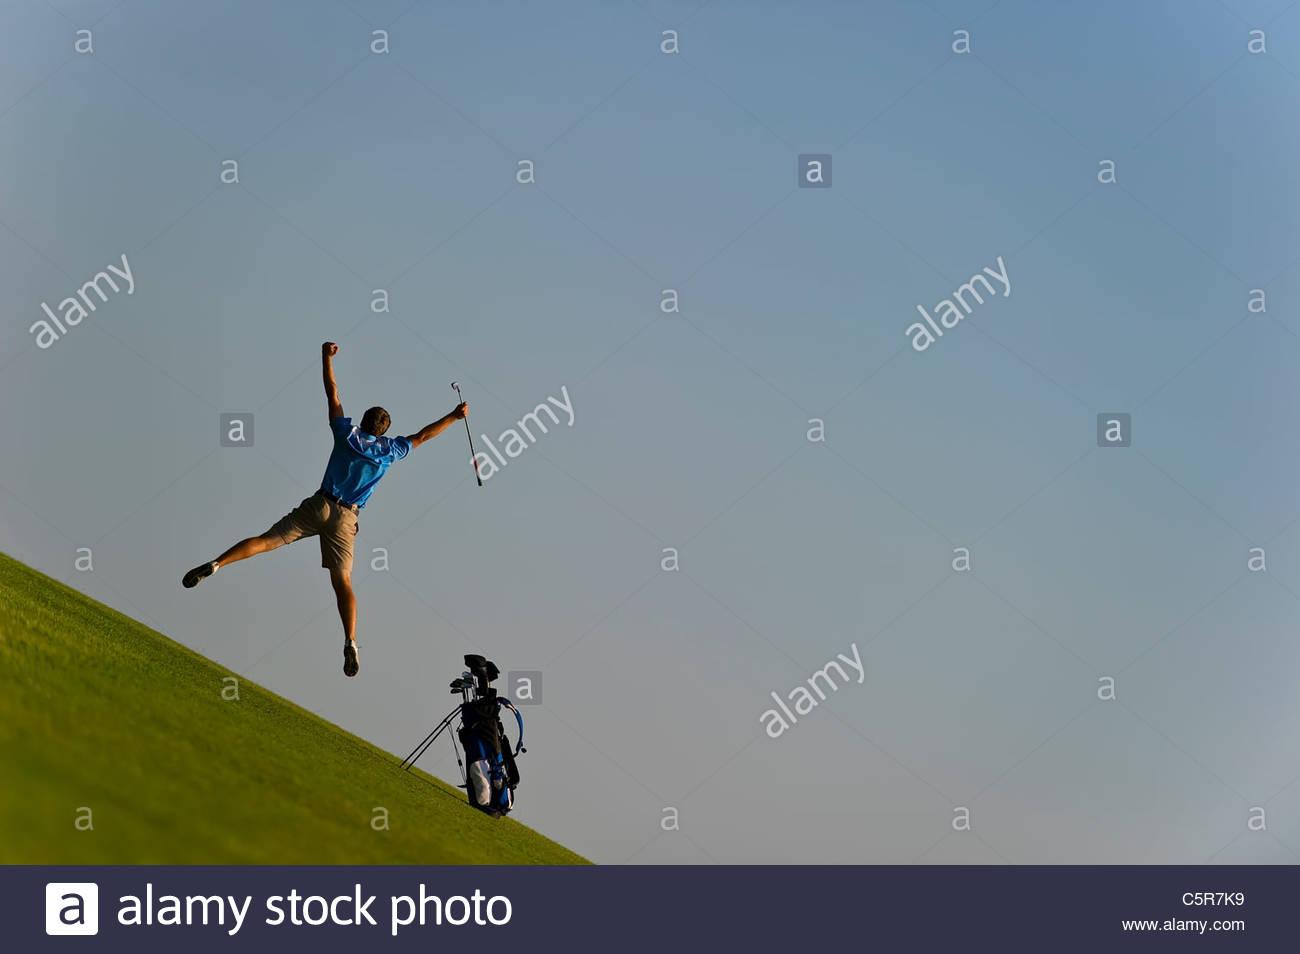 Ein Golfer springt in die Luft zu feiern. Stockbild